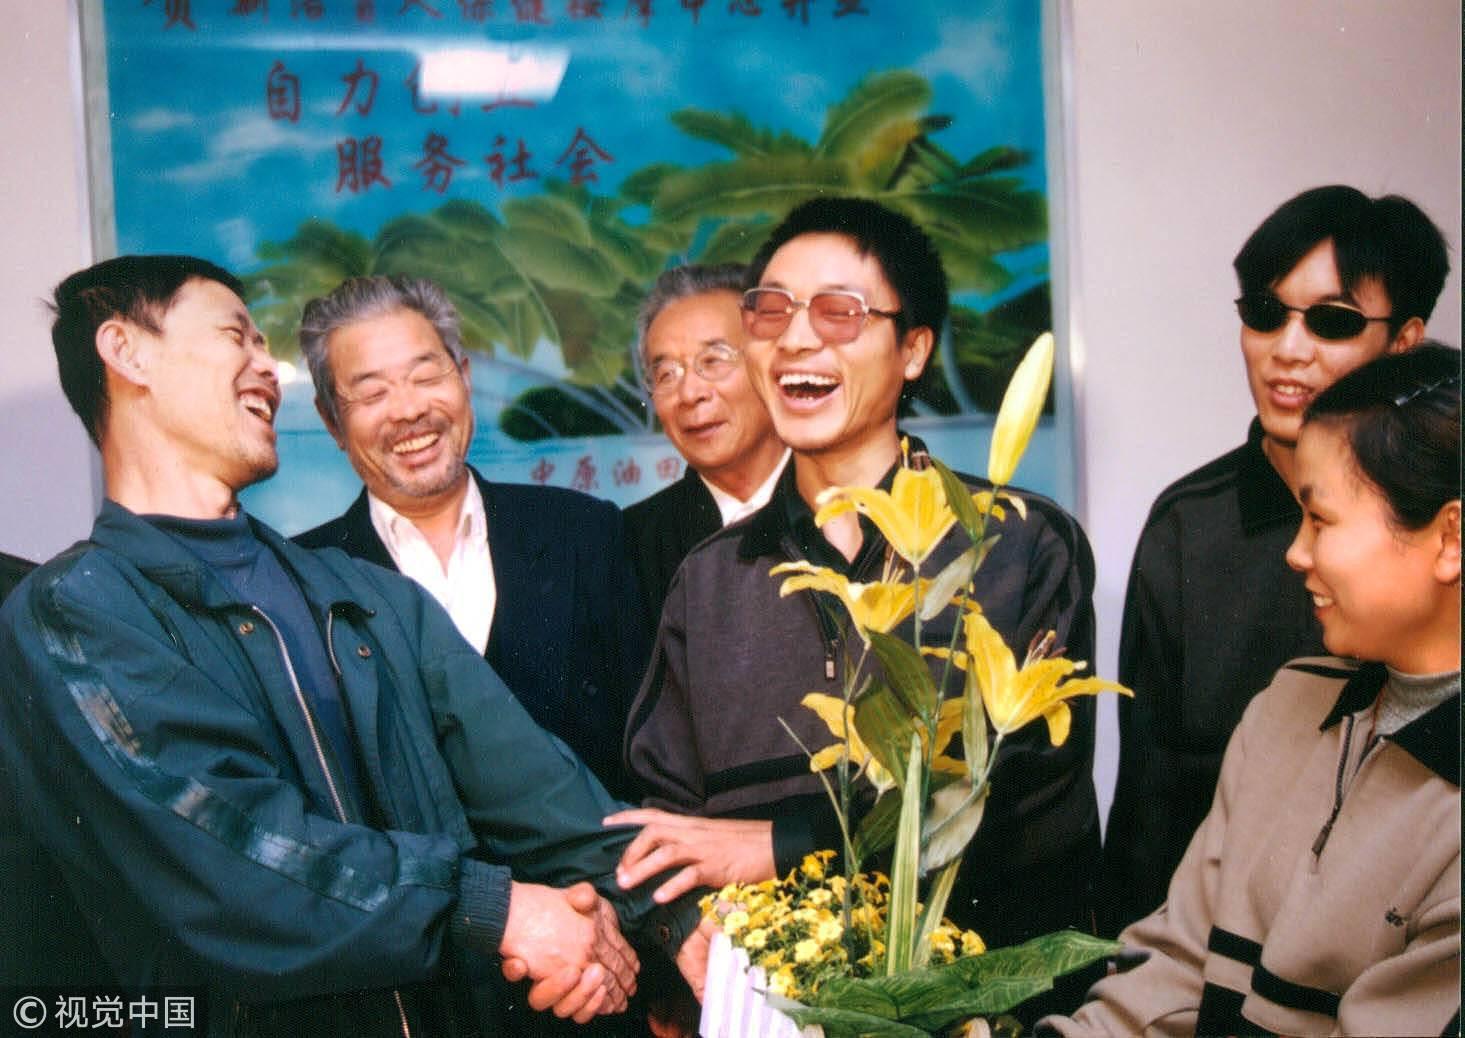 2002年5月15日,河南濮阳,盲人按摩师被作为宣传典型写入宣传报道中。/视觉中国